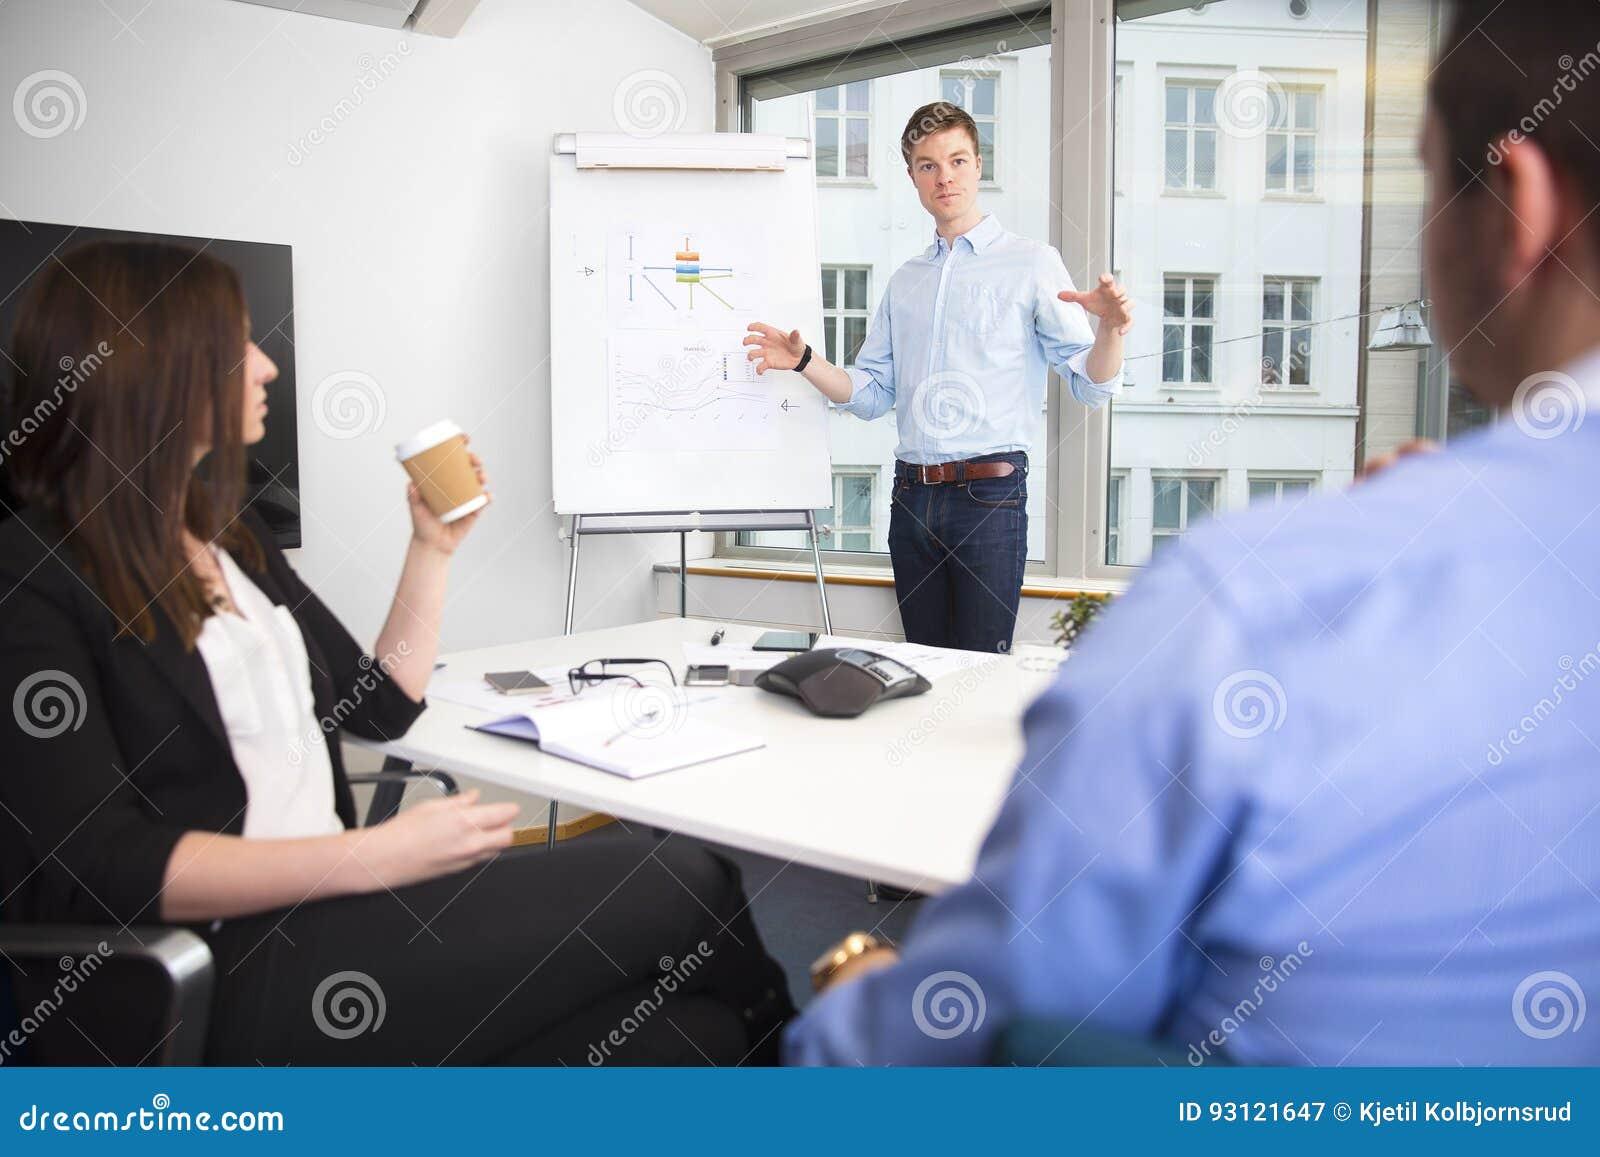 Apresentação de Gesturing While Giving do homem de negócios aos colegas